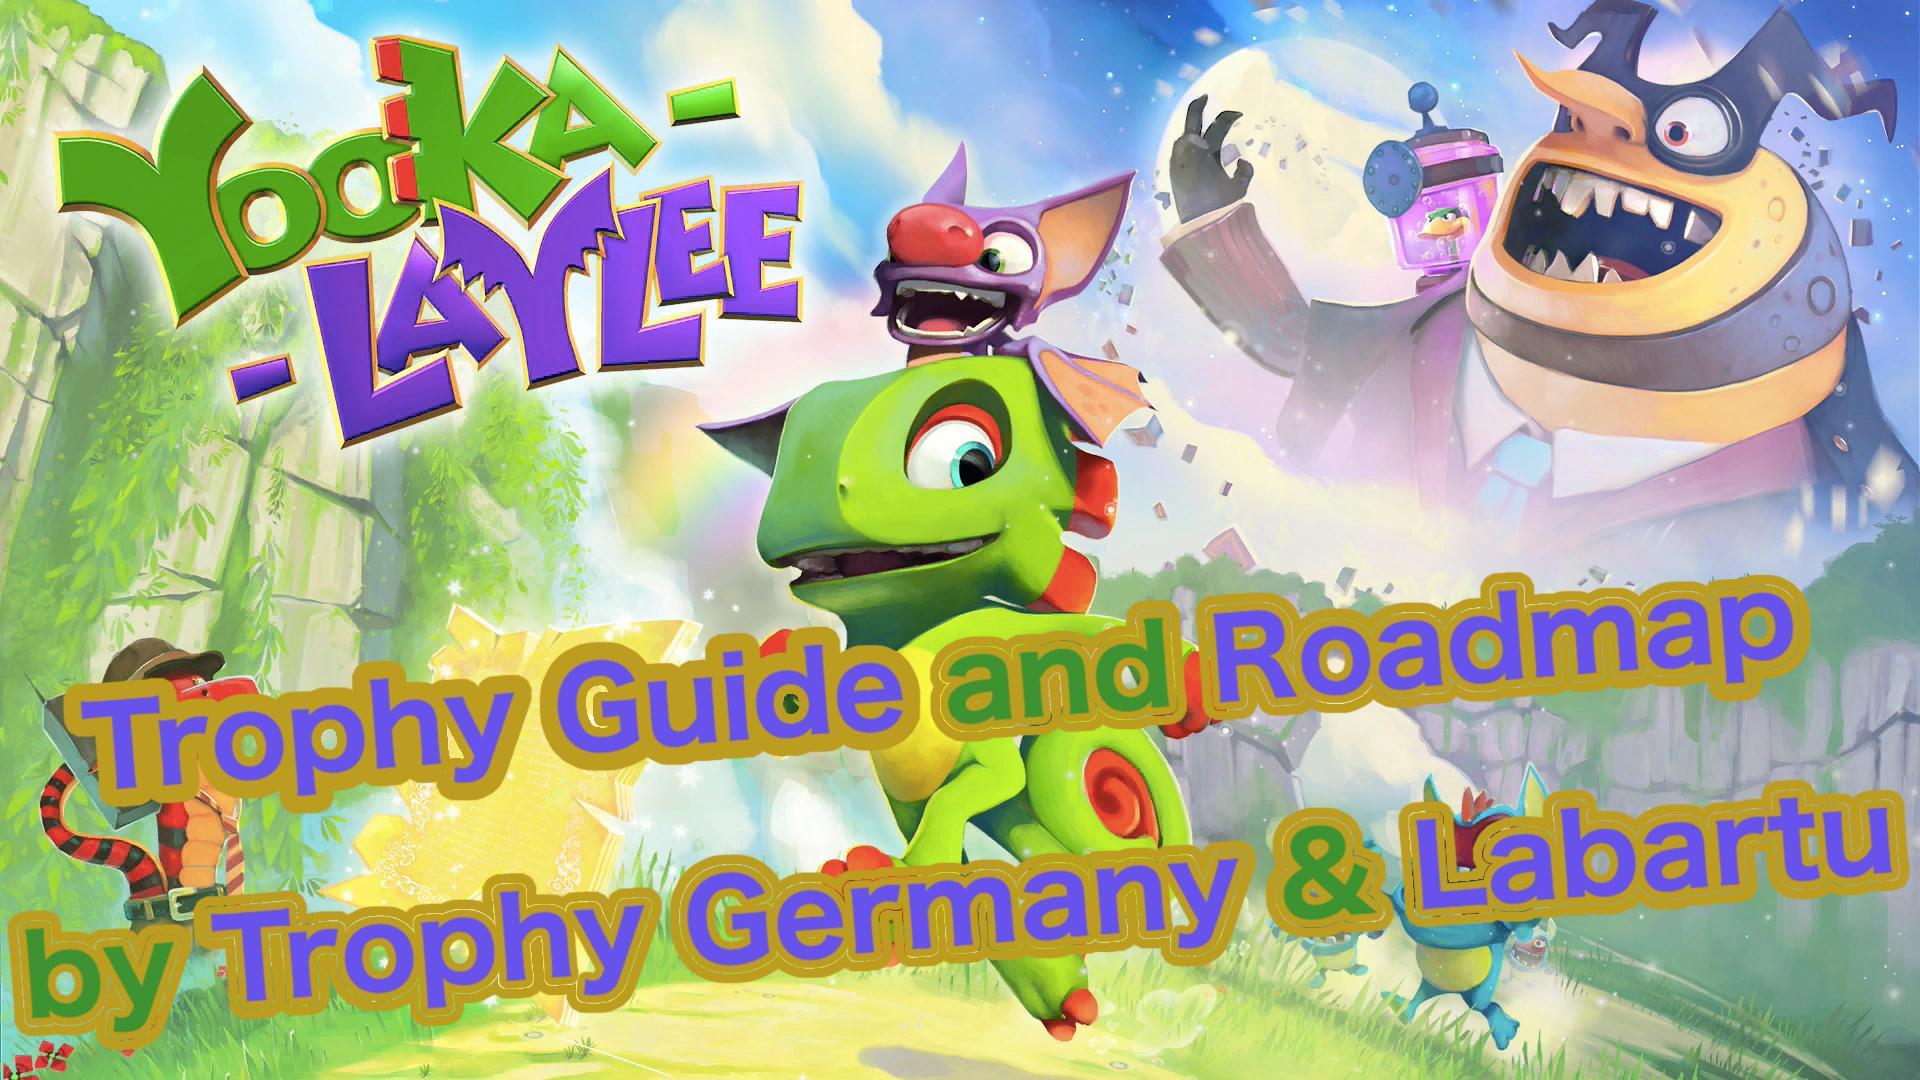 yooka laylee trophy guide